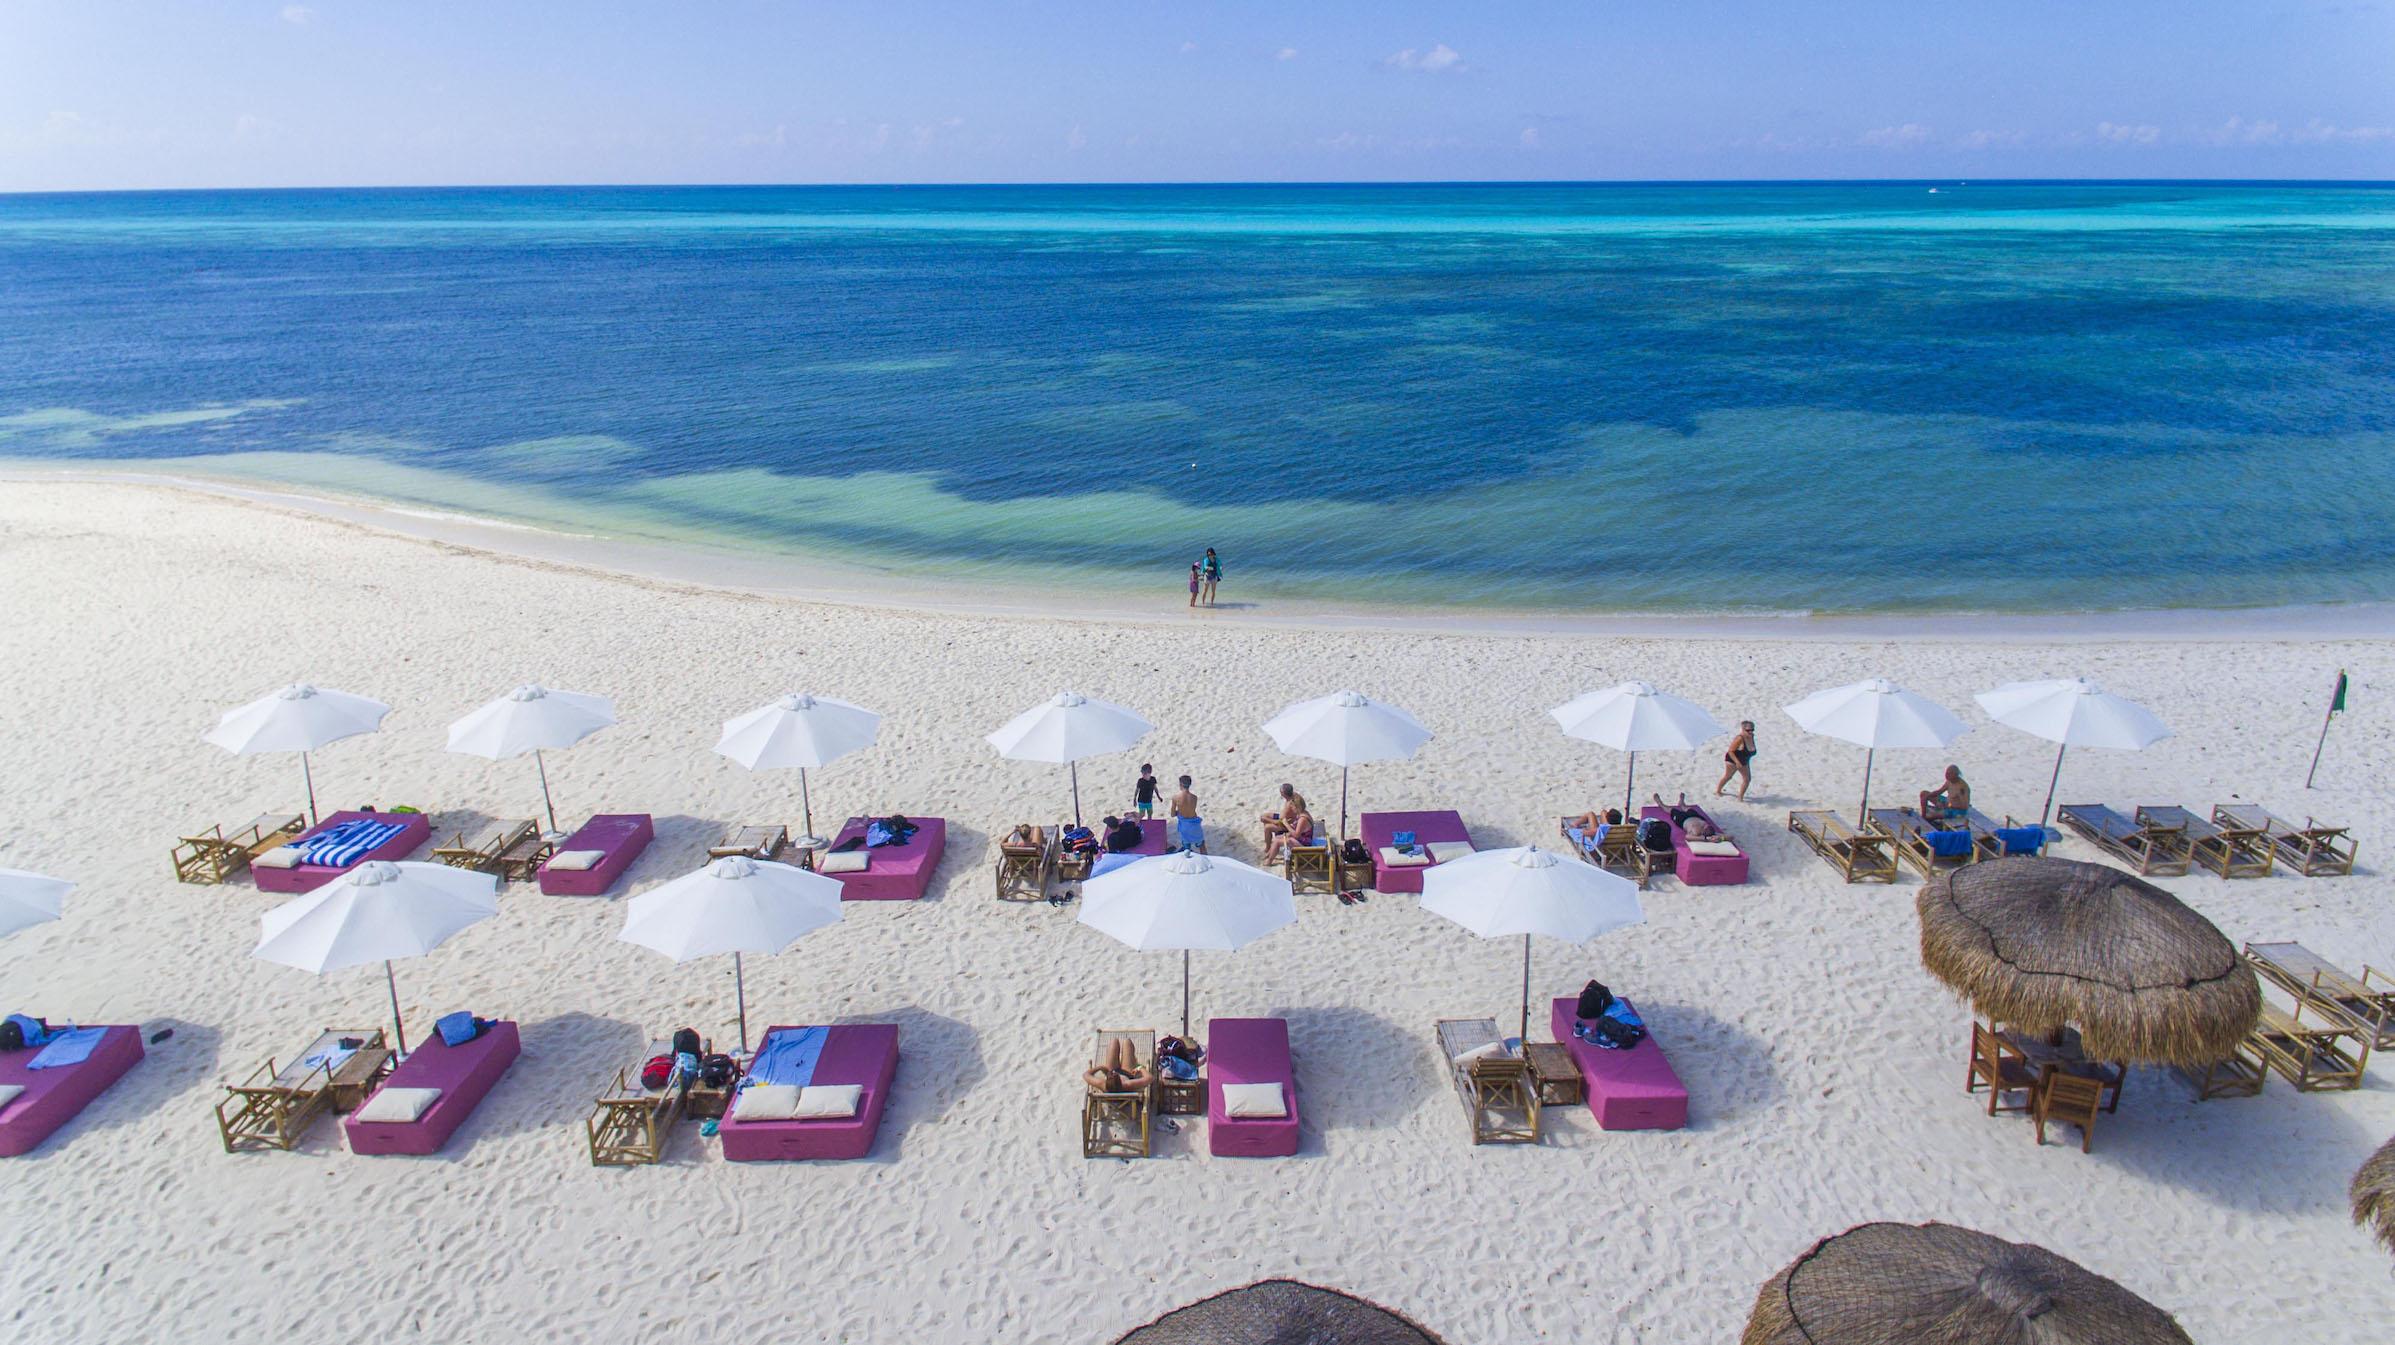 Qué hacer en Cozumel, el paraíso del Caribe libre de sargazo